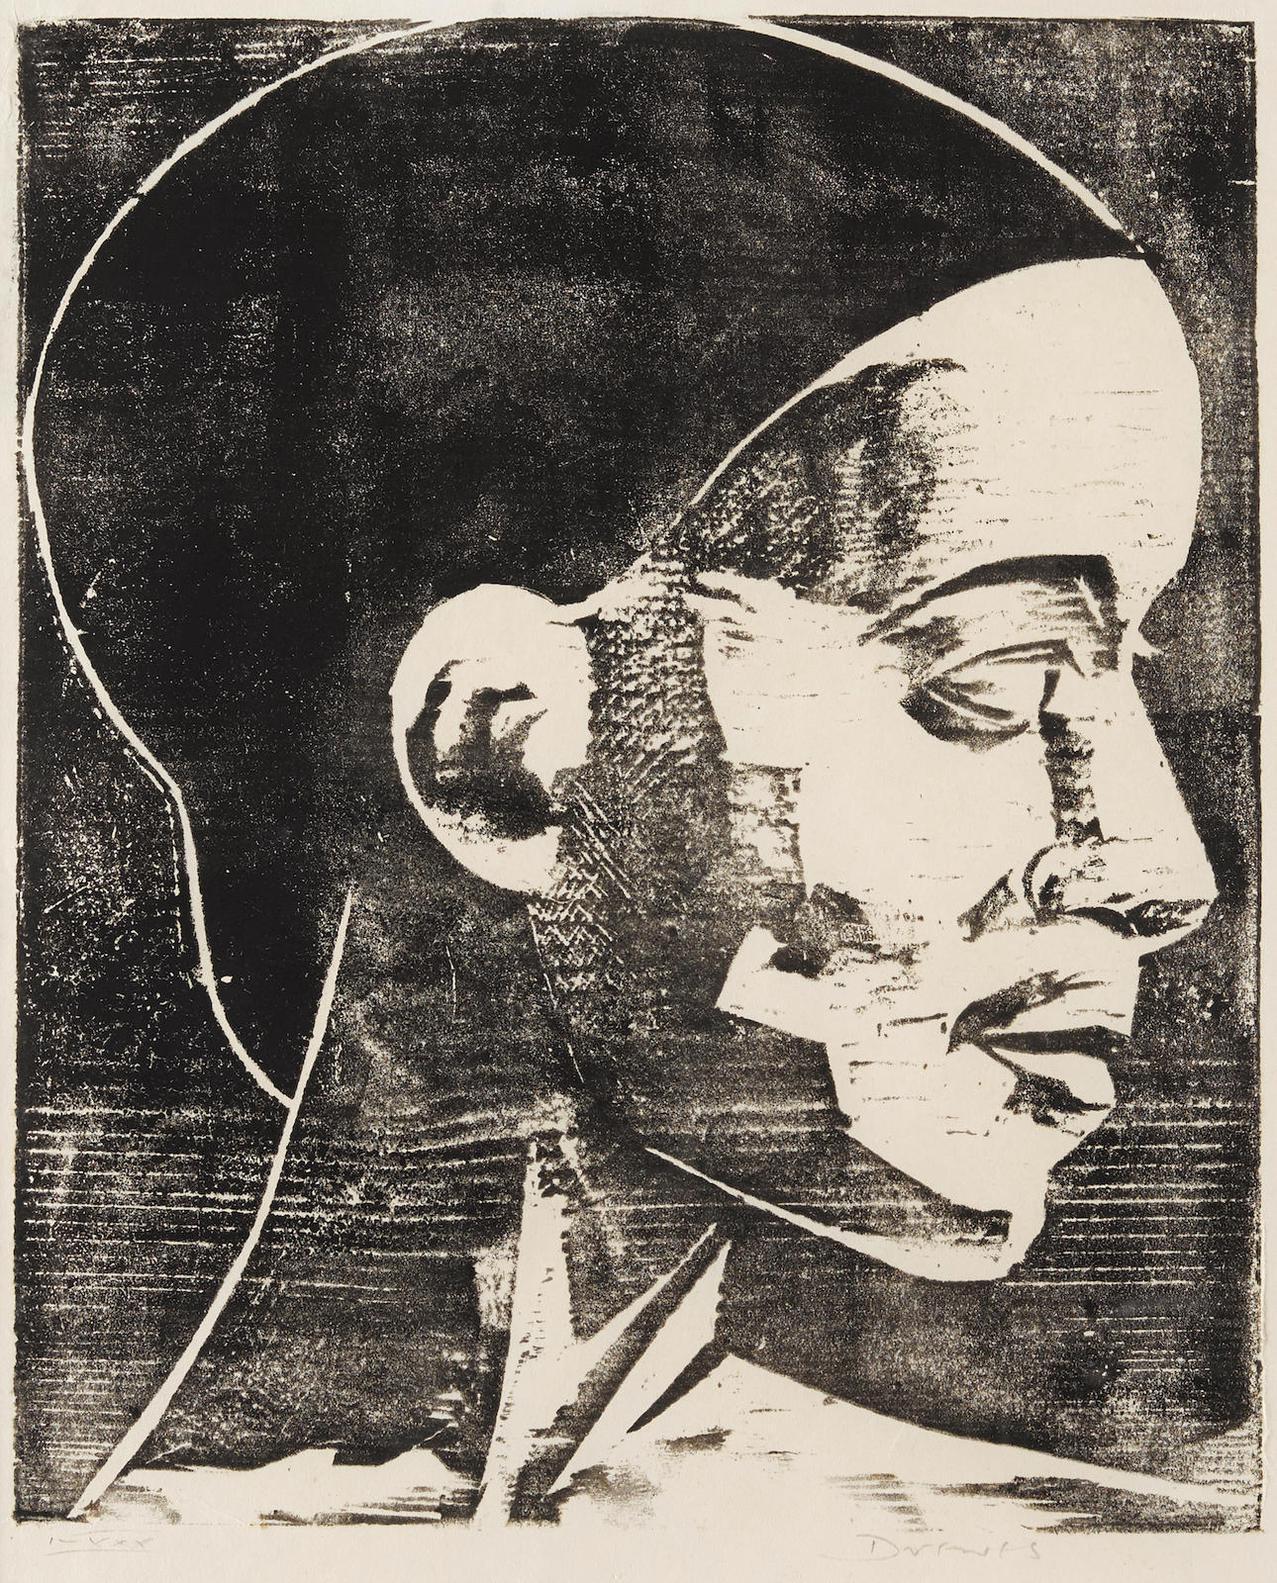 Werner Drewes-Harlem Beauty-1930